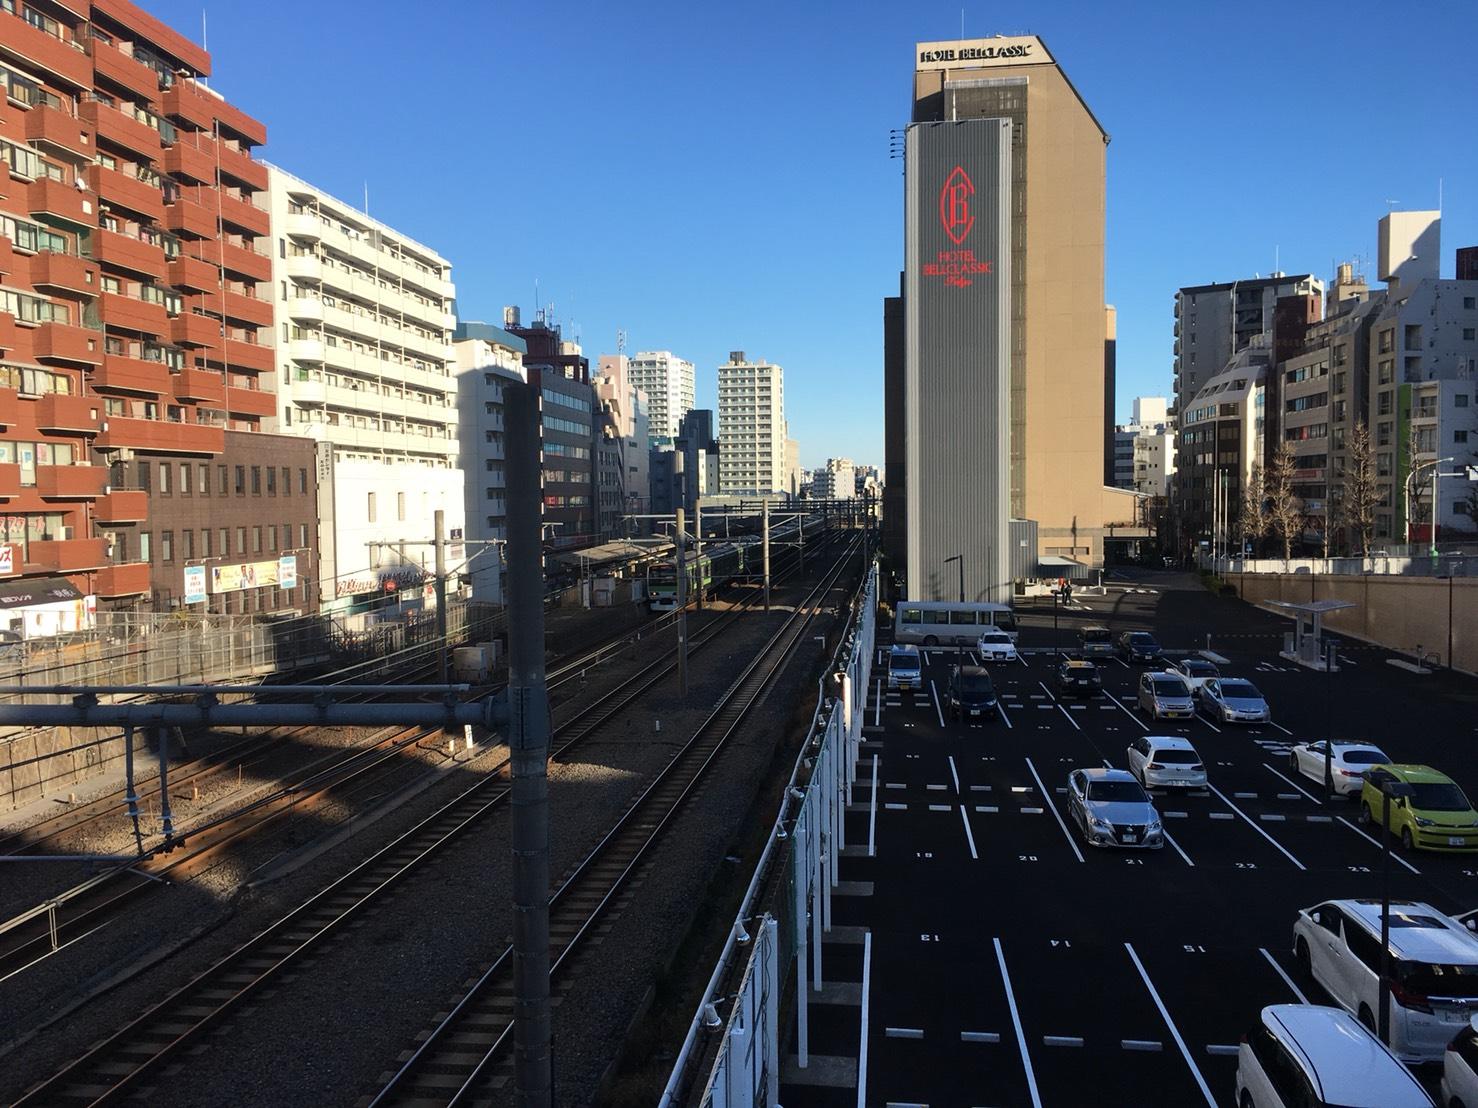 【大塚駅】ぶらり、ちょこっと大塚さんぽ。空蝉橋から抜けるスカイツリーが気持ちいい!の大塚駅の空蝉橋から見える景色1